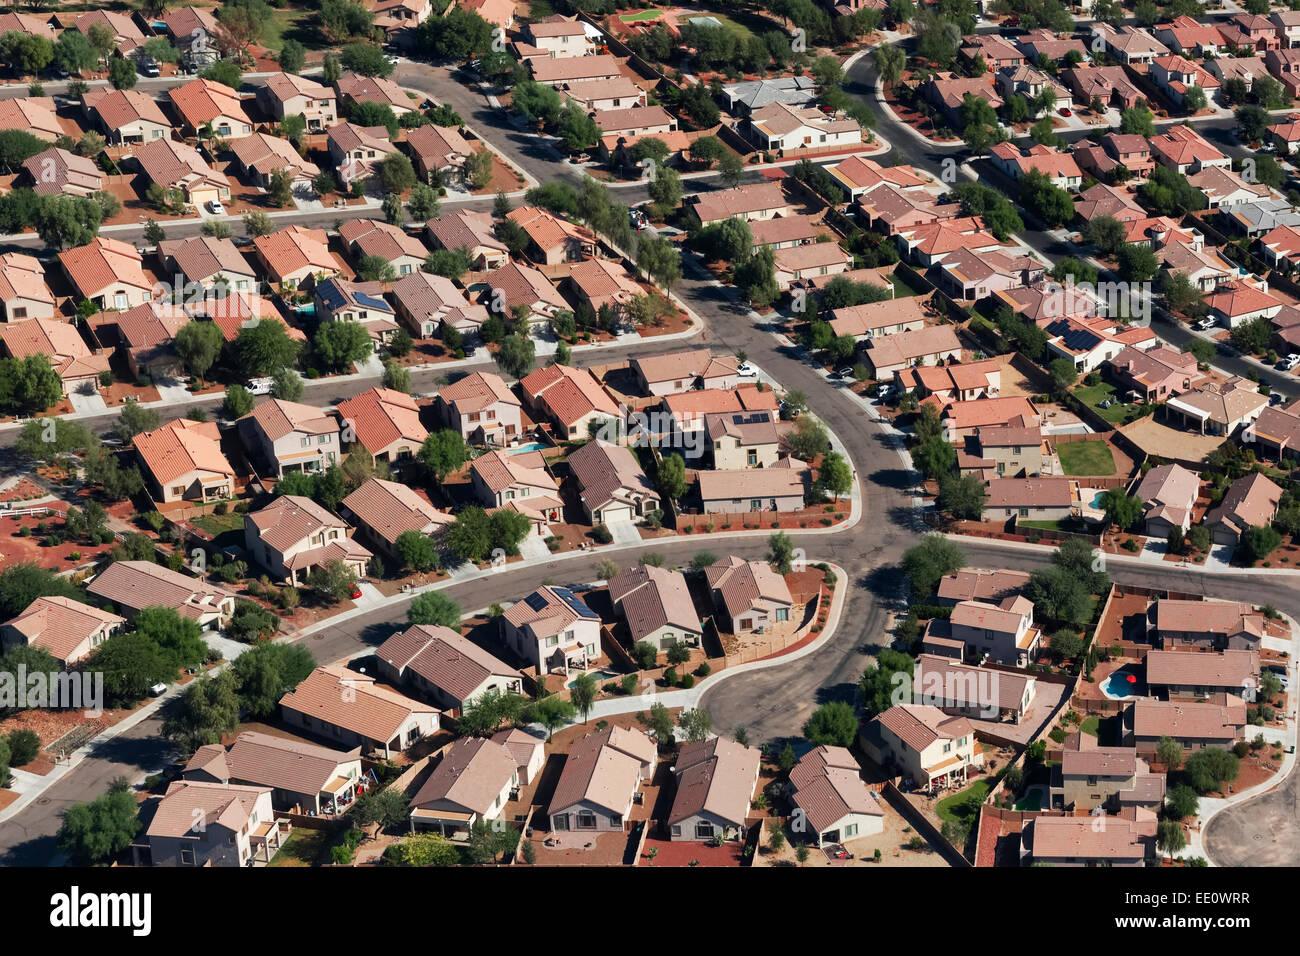 Luftbild des Stadtteils, Tucson, Arizona Stockbild